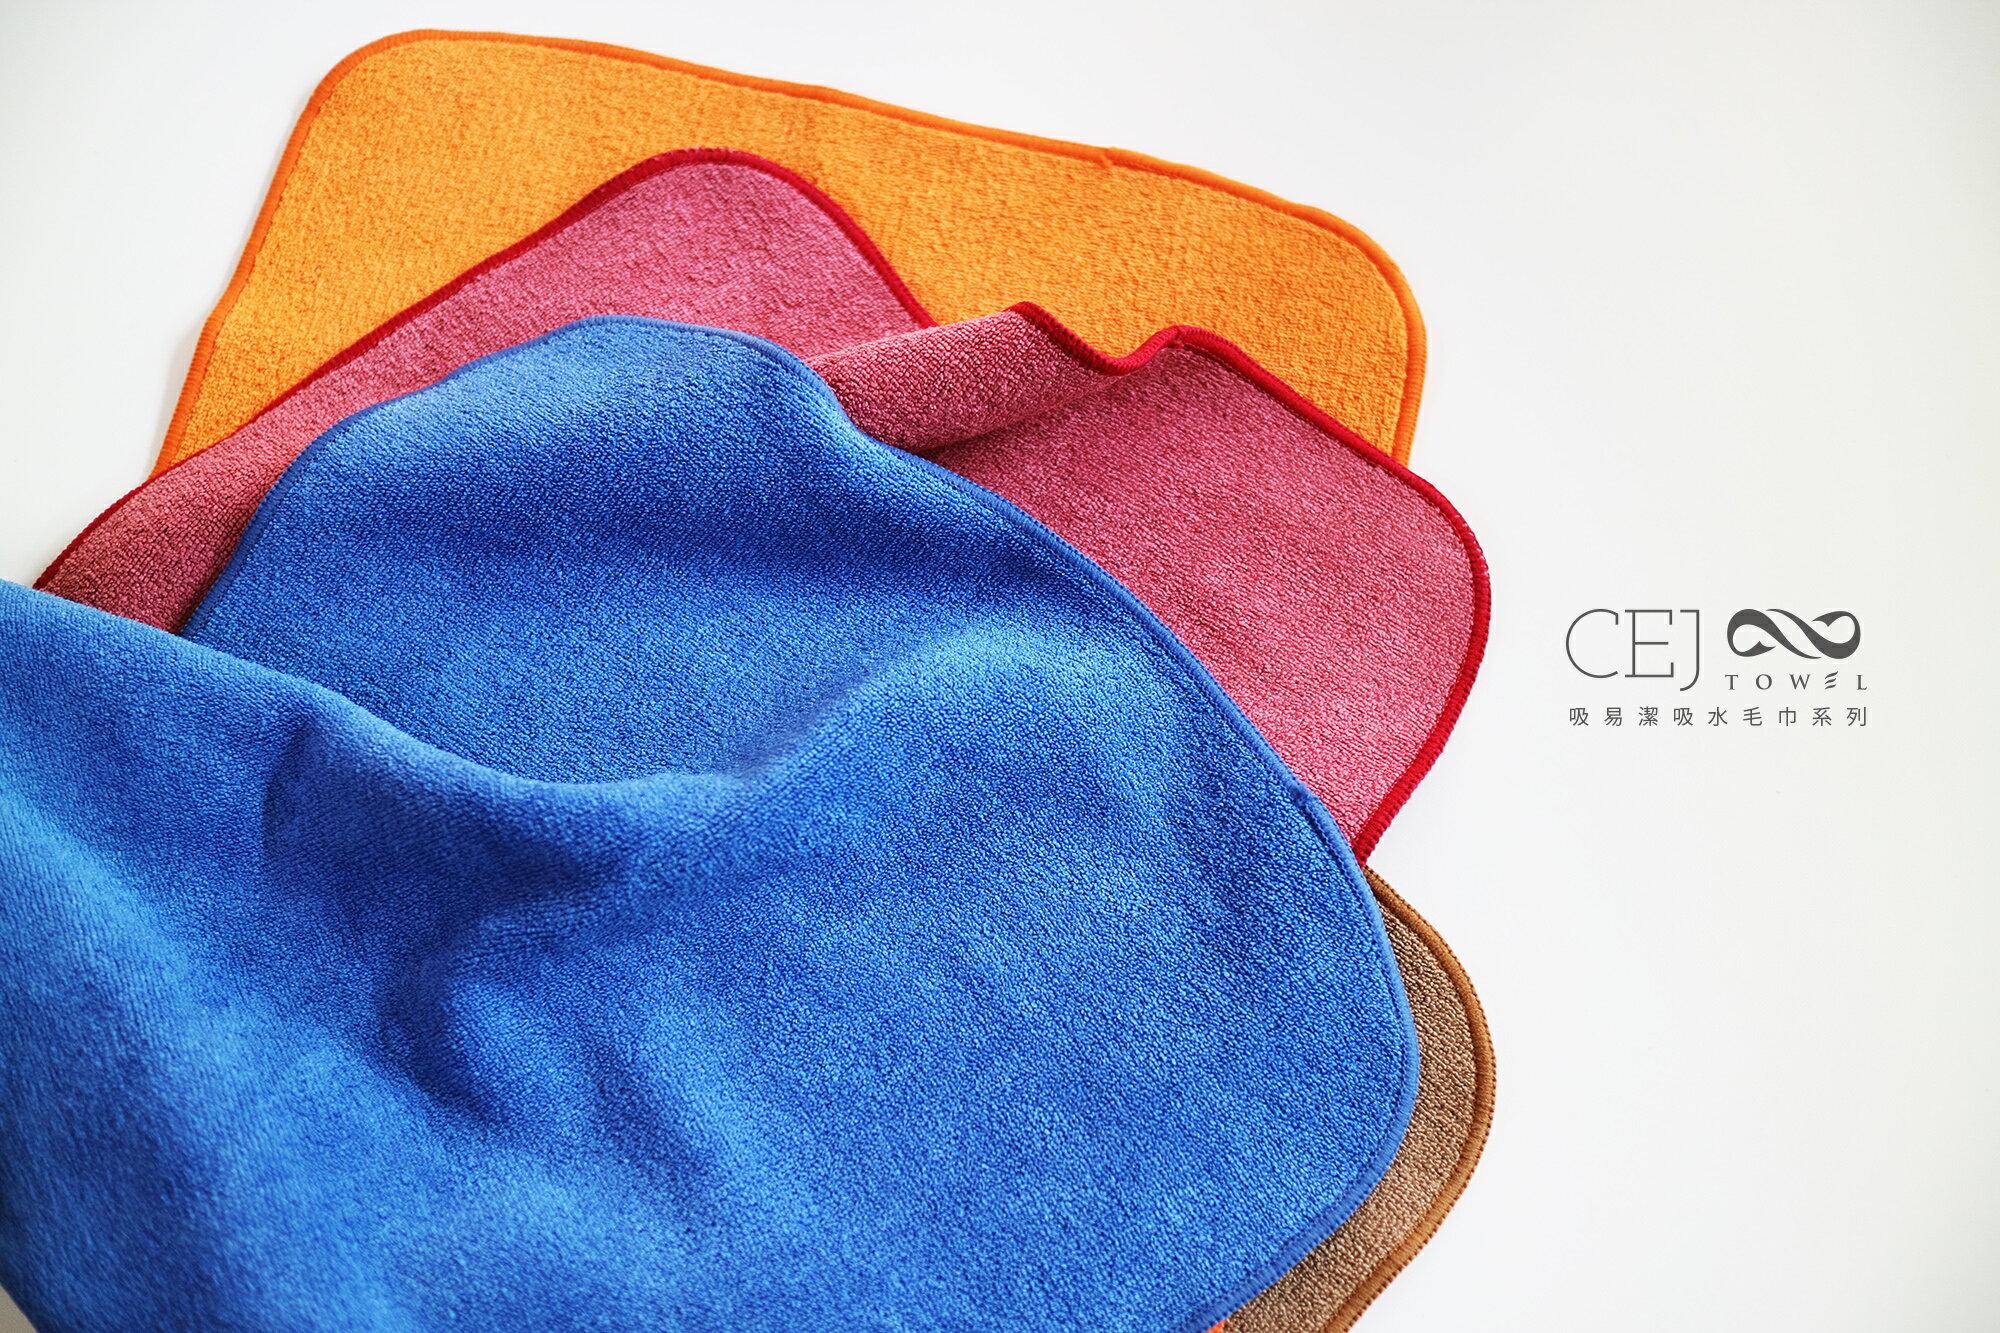 平面抹布|吸易潔吸水毛巾系列|廚房擦拭/餐桌/傢俱/玻璃/摩托車/車內/